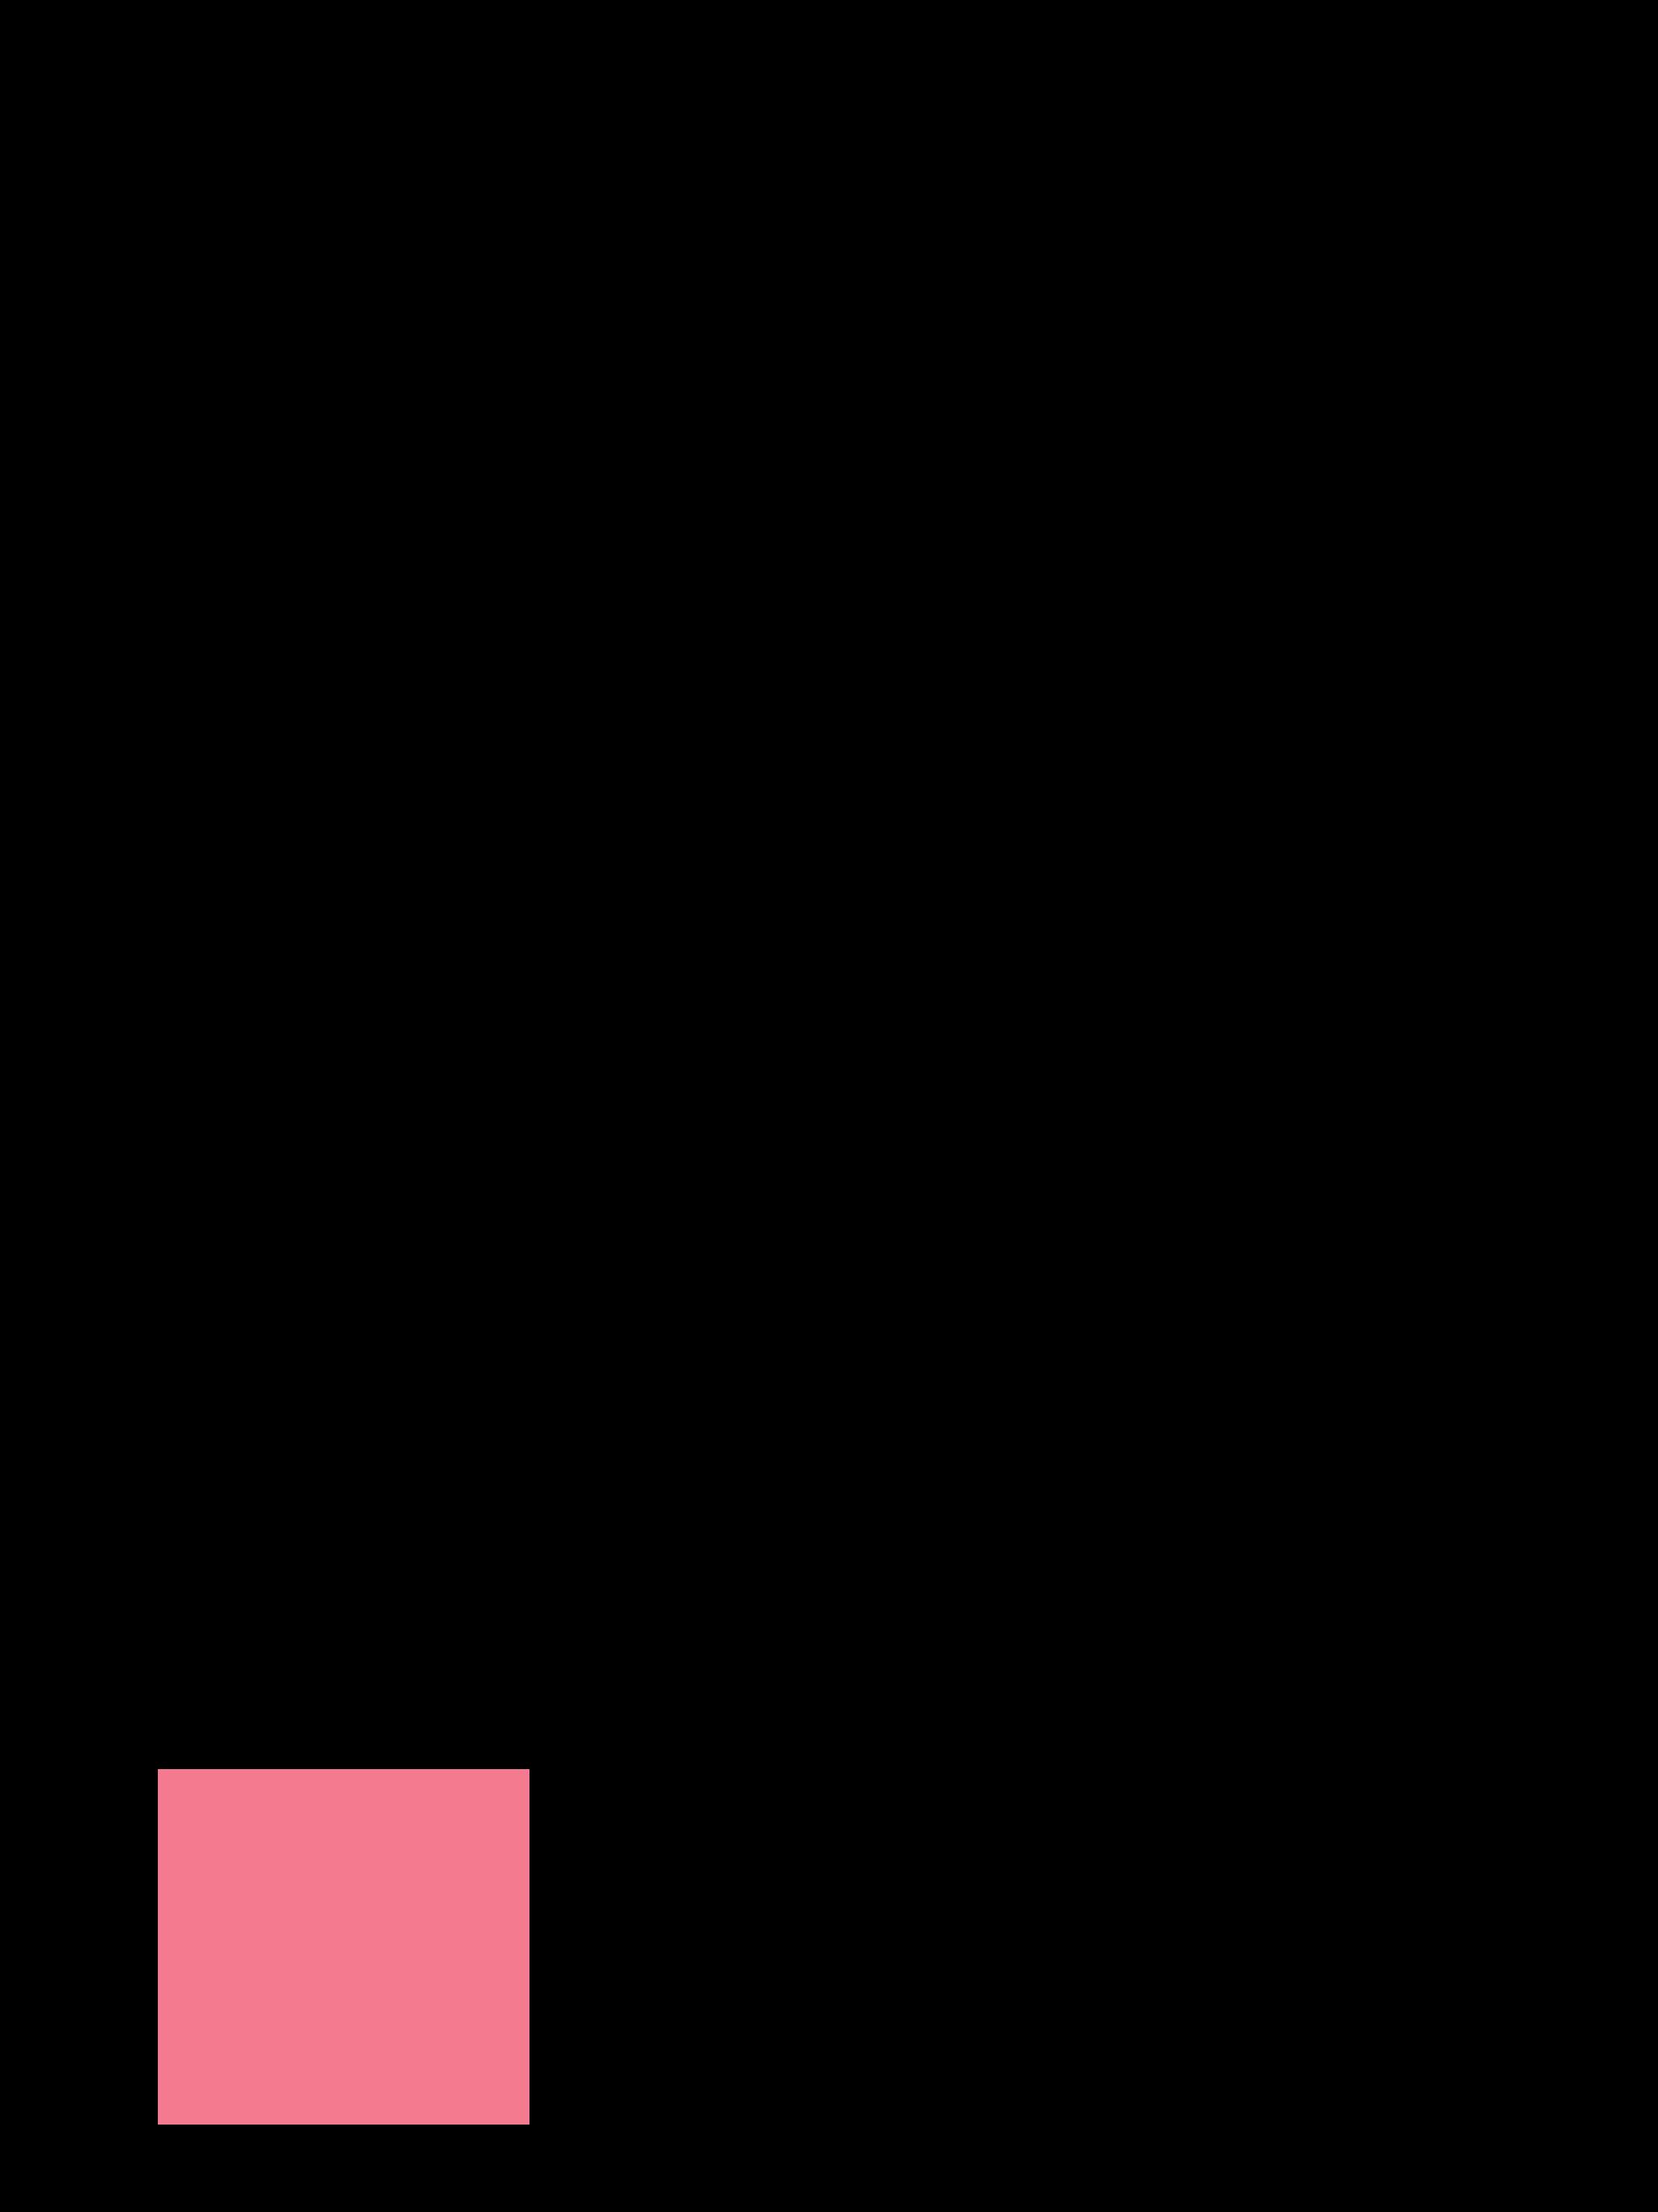 Ipad Vertical_2048x2732_Geo Heart_Pink.png